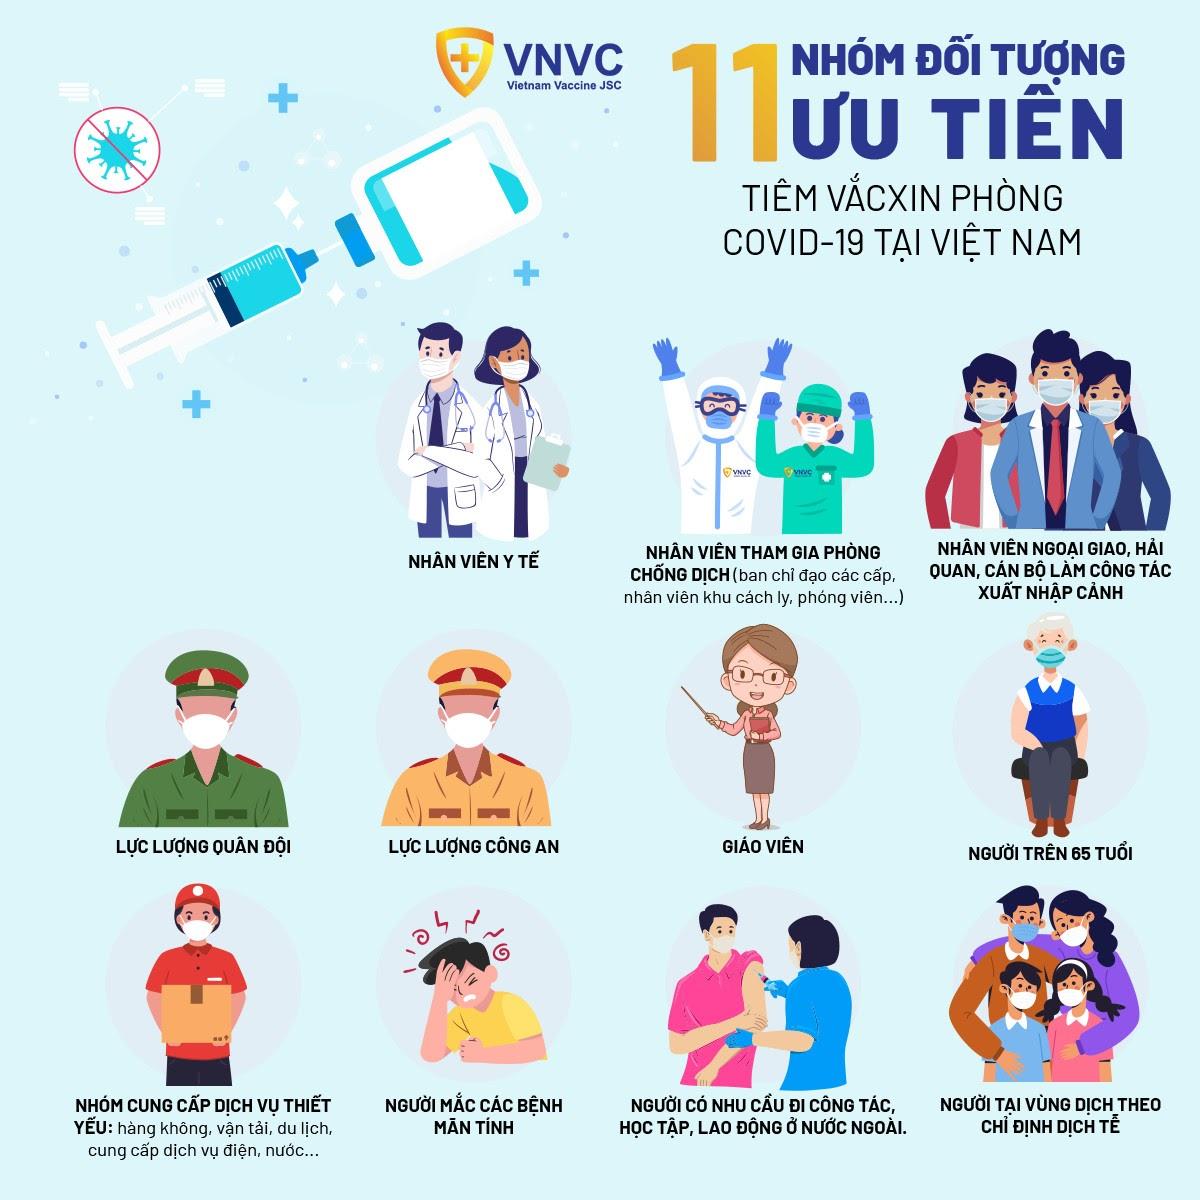 Nhóm đối tượng được ưu tiên tiêm Vắc-xin phòng Covid 19 tại Việt Nam